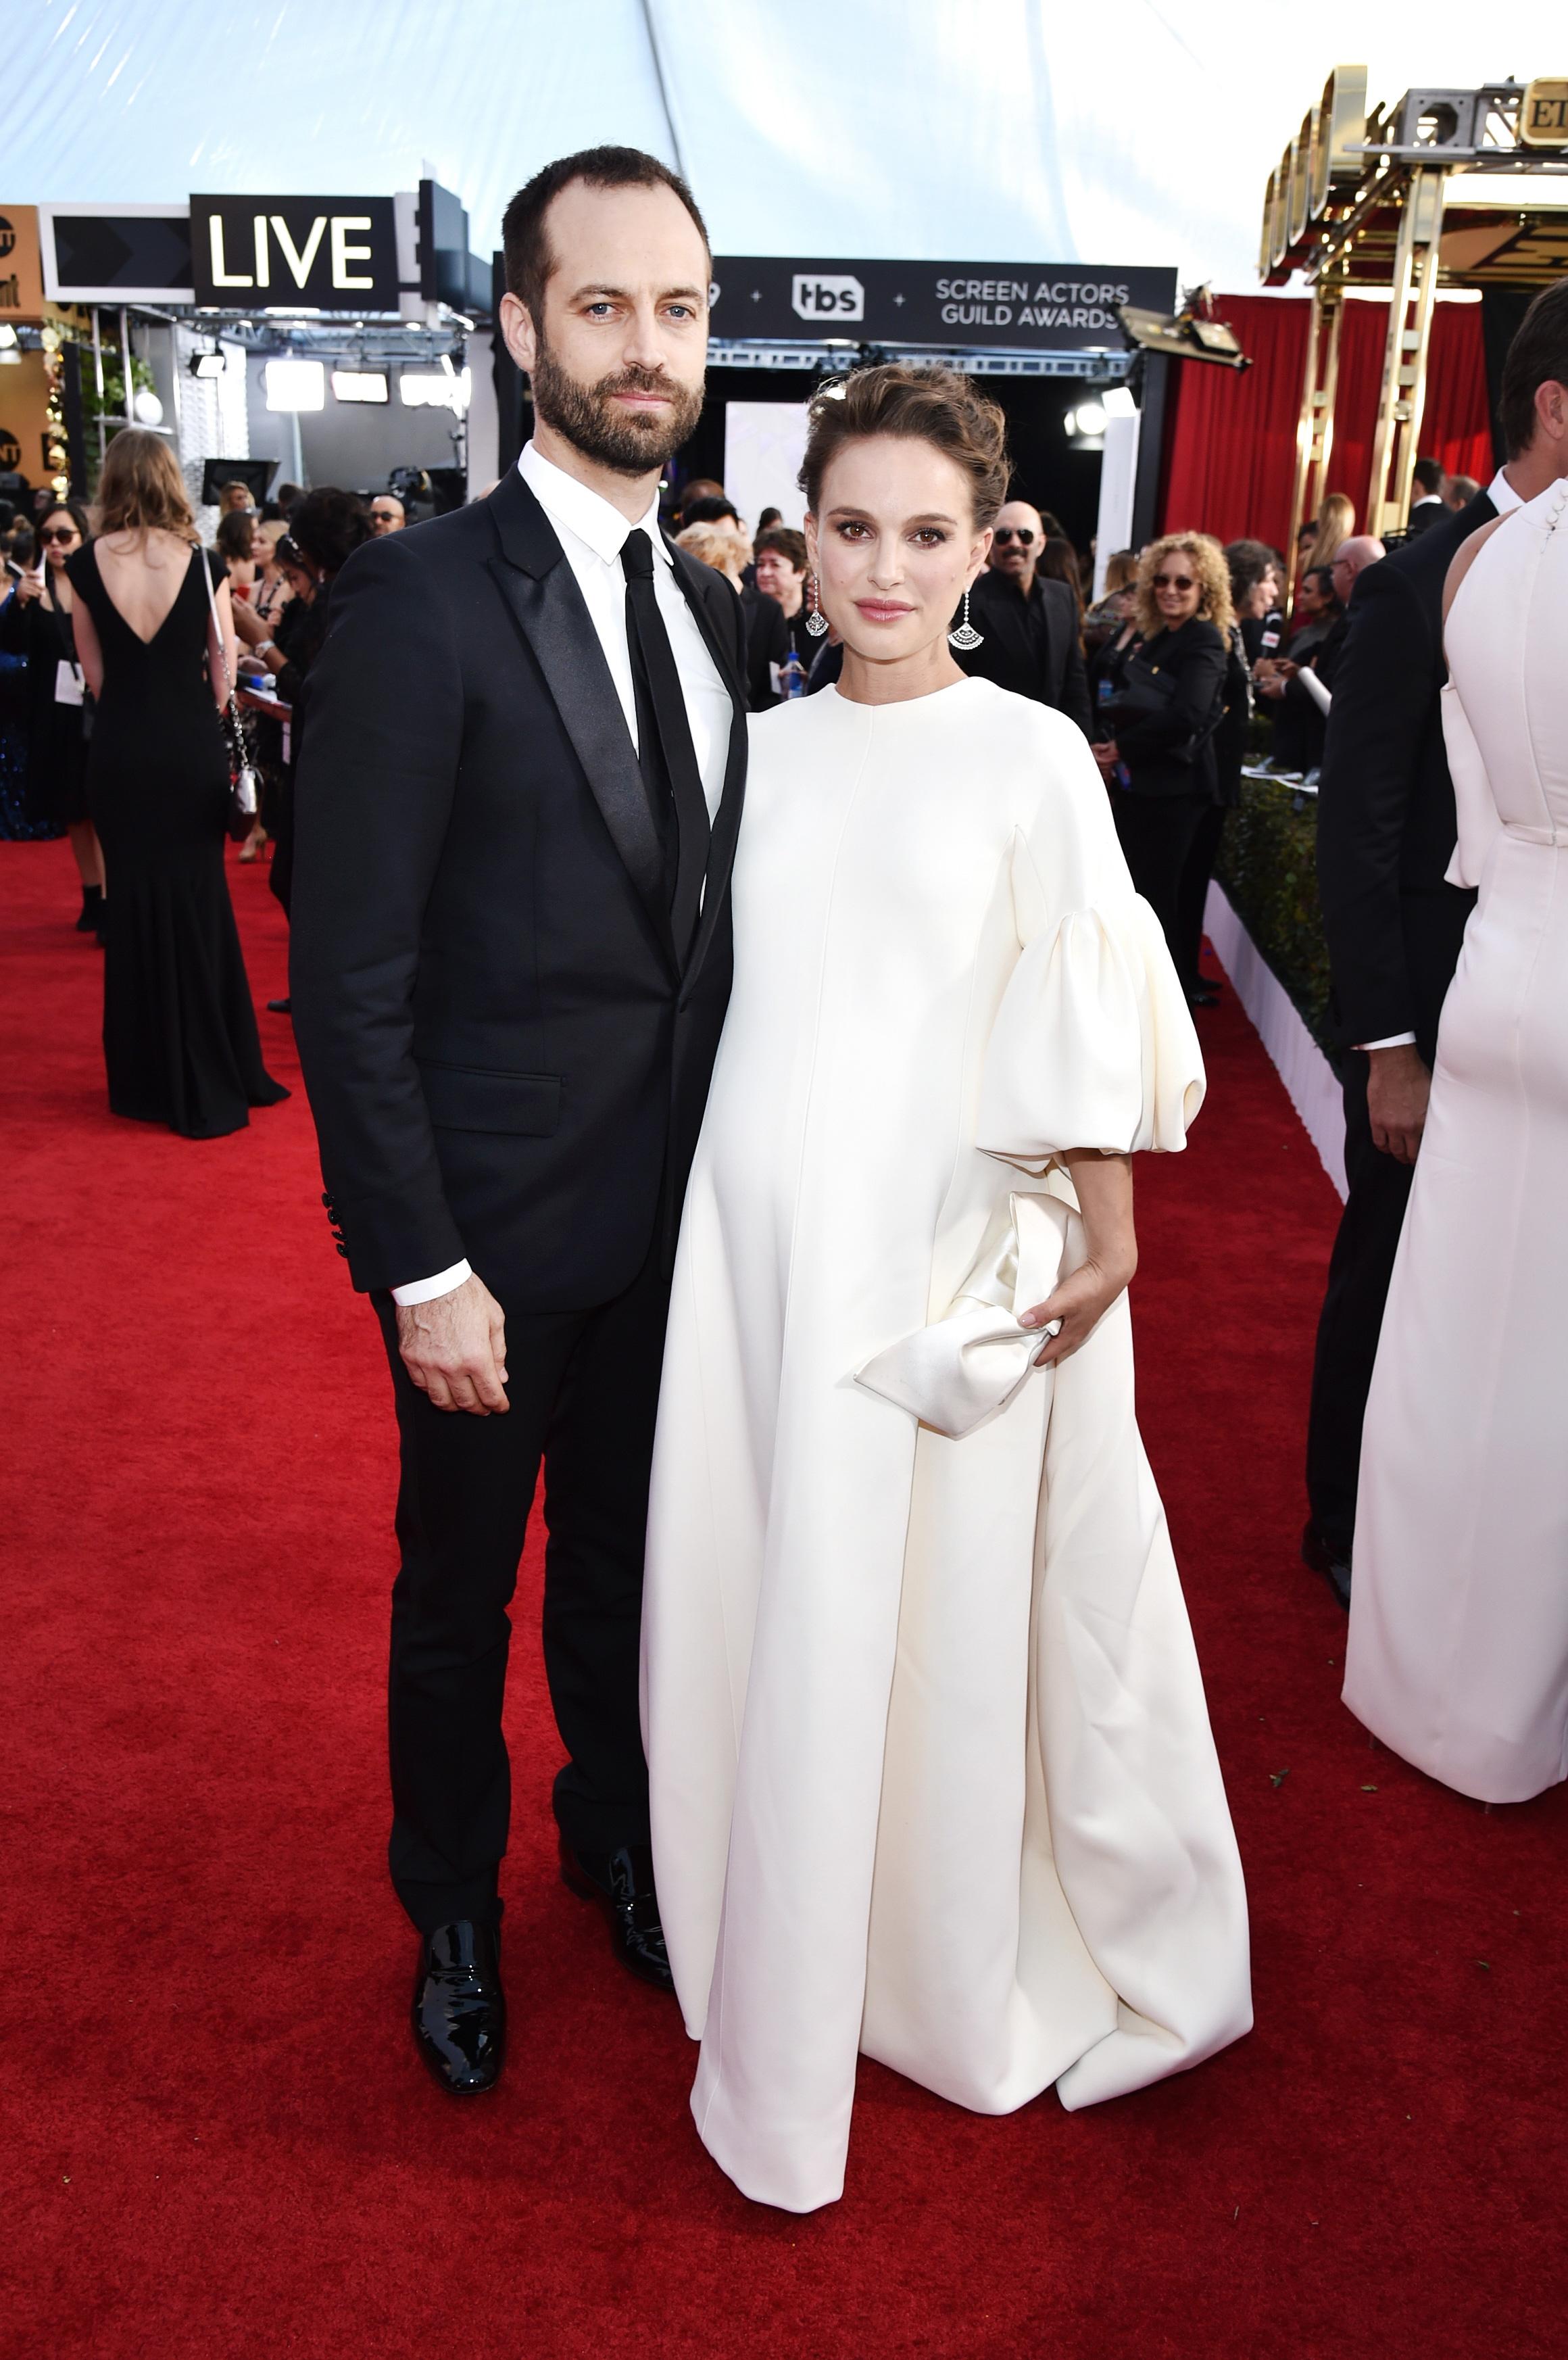 Natalie Portman and Benjamin Millepied Sag Awards 2017